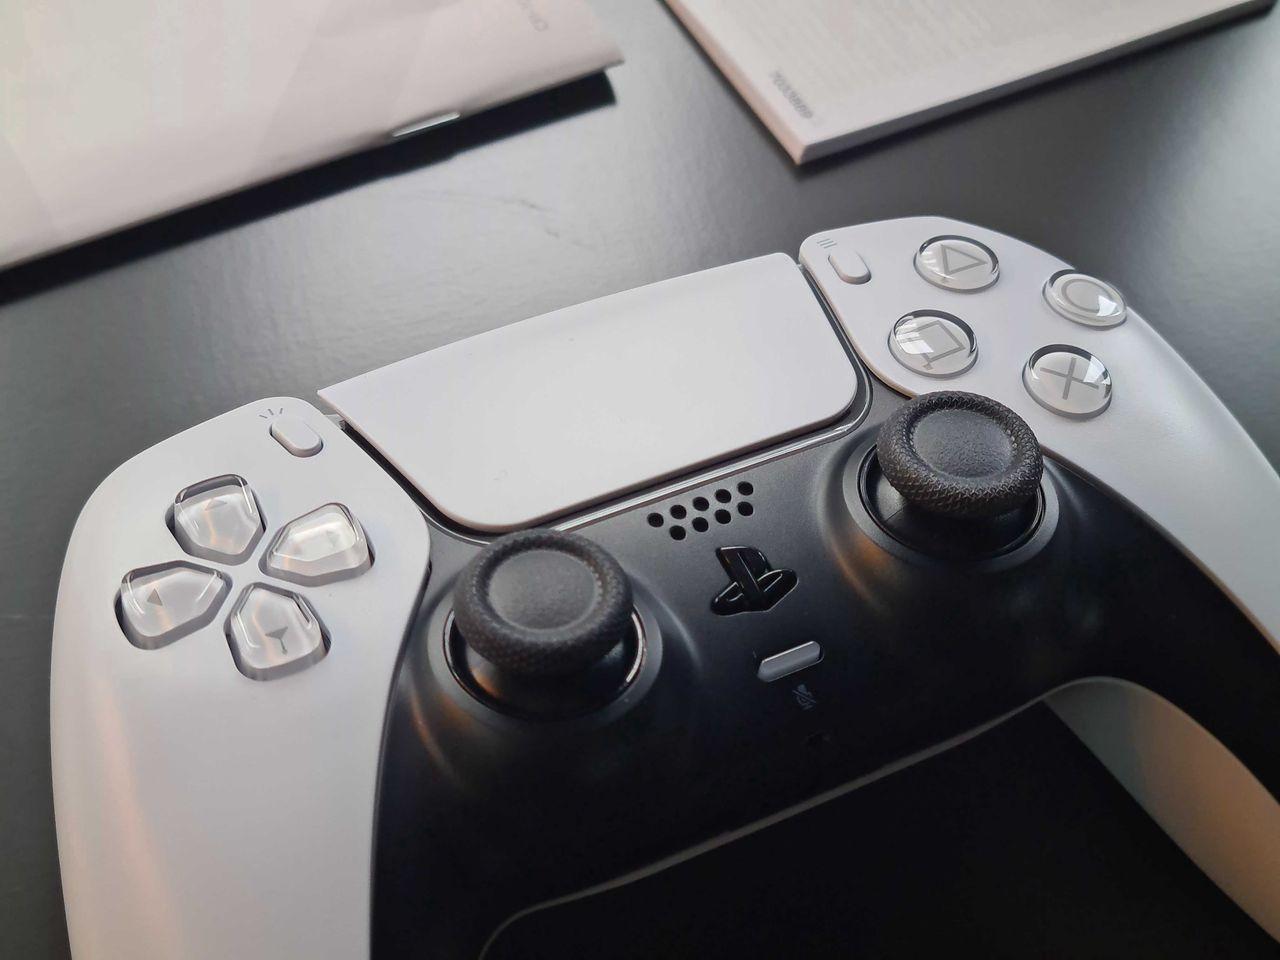 PlayStation 5 nie chce żebyś przeklinał. Tak bardzo, że... sam zobacz